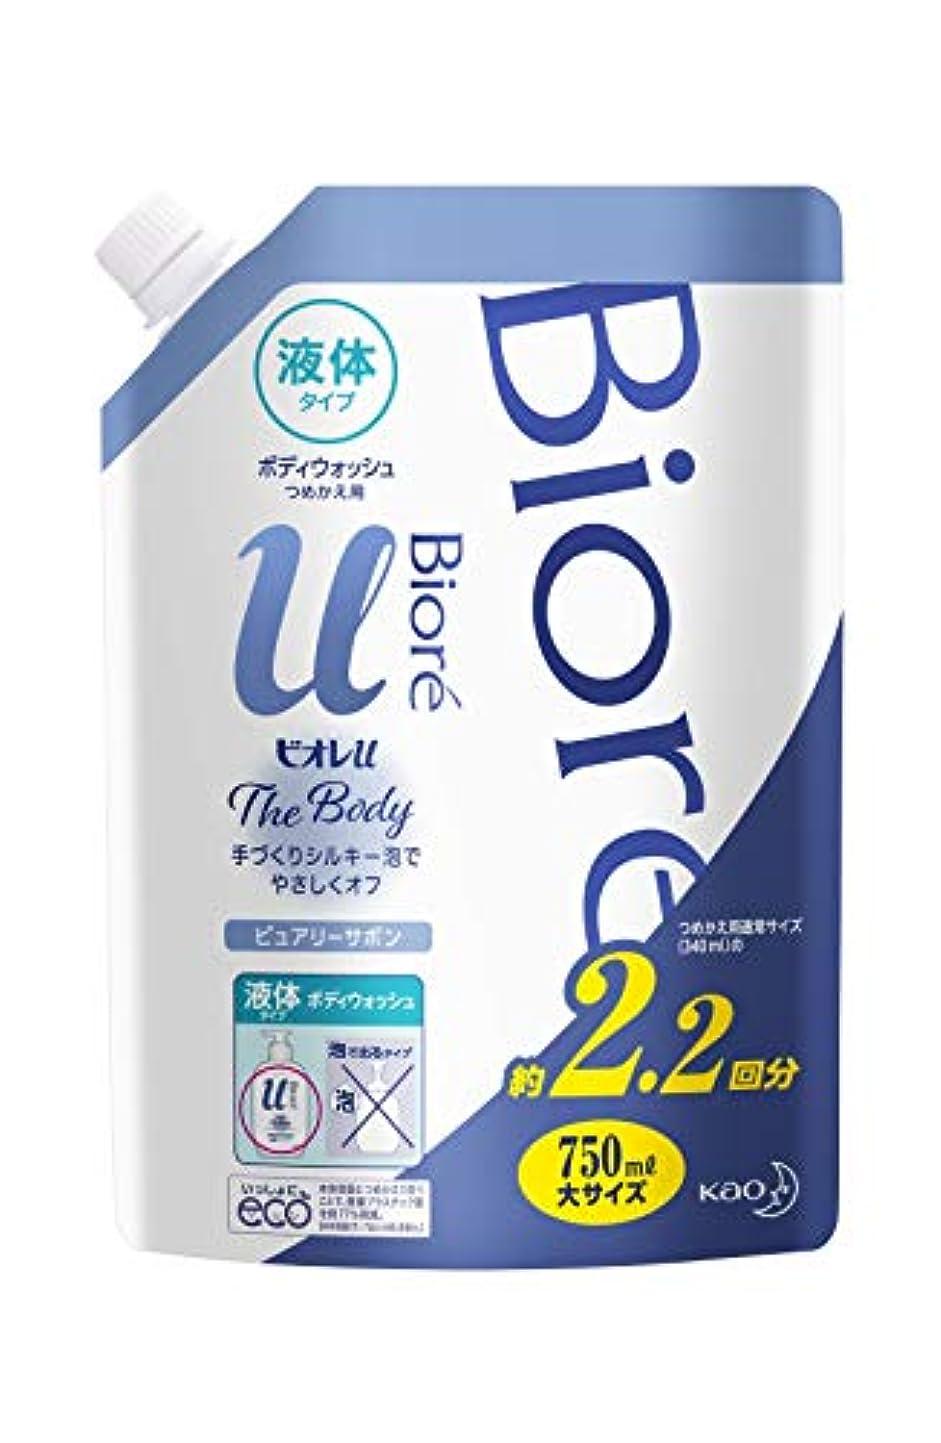 無心充電かすれた【大容量】 ビオレu ザ ボディ 〔 The Body 〕 液体タイプ ピュアリーサボンの香り つめかえ用 750ml 「高潤滑処方の手づくりシルキー泡」